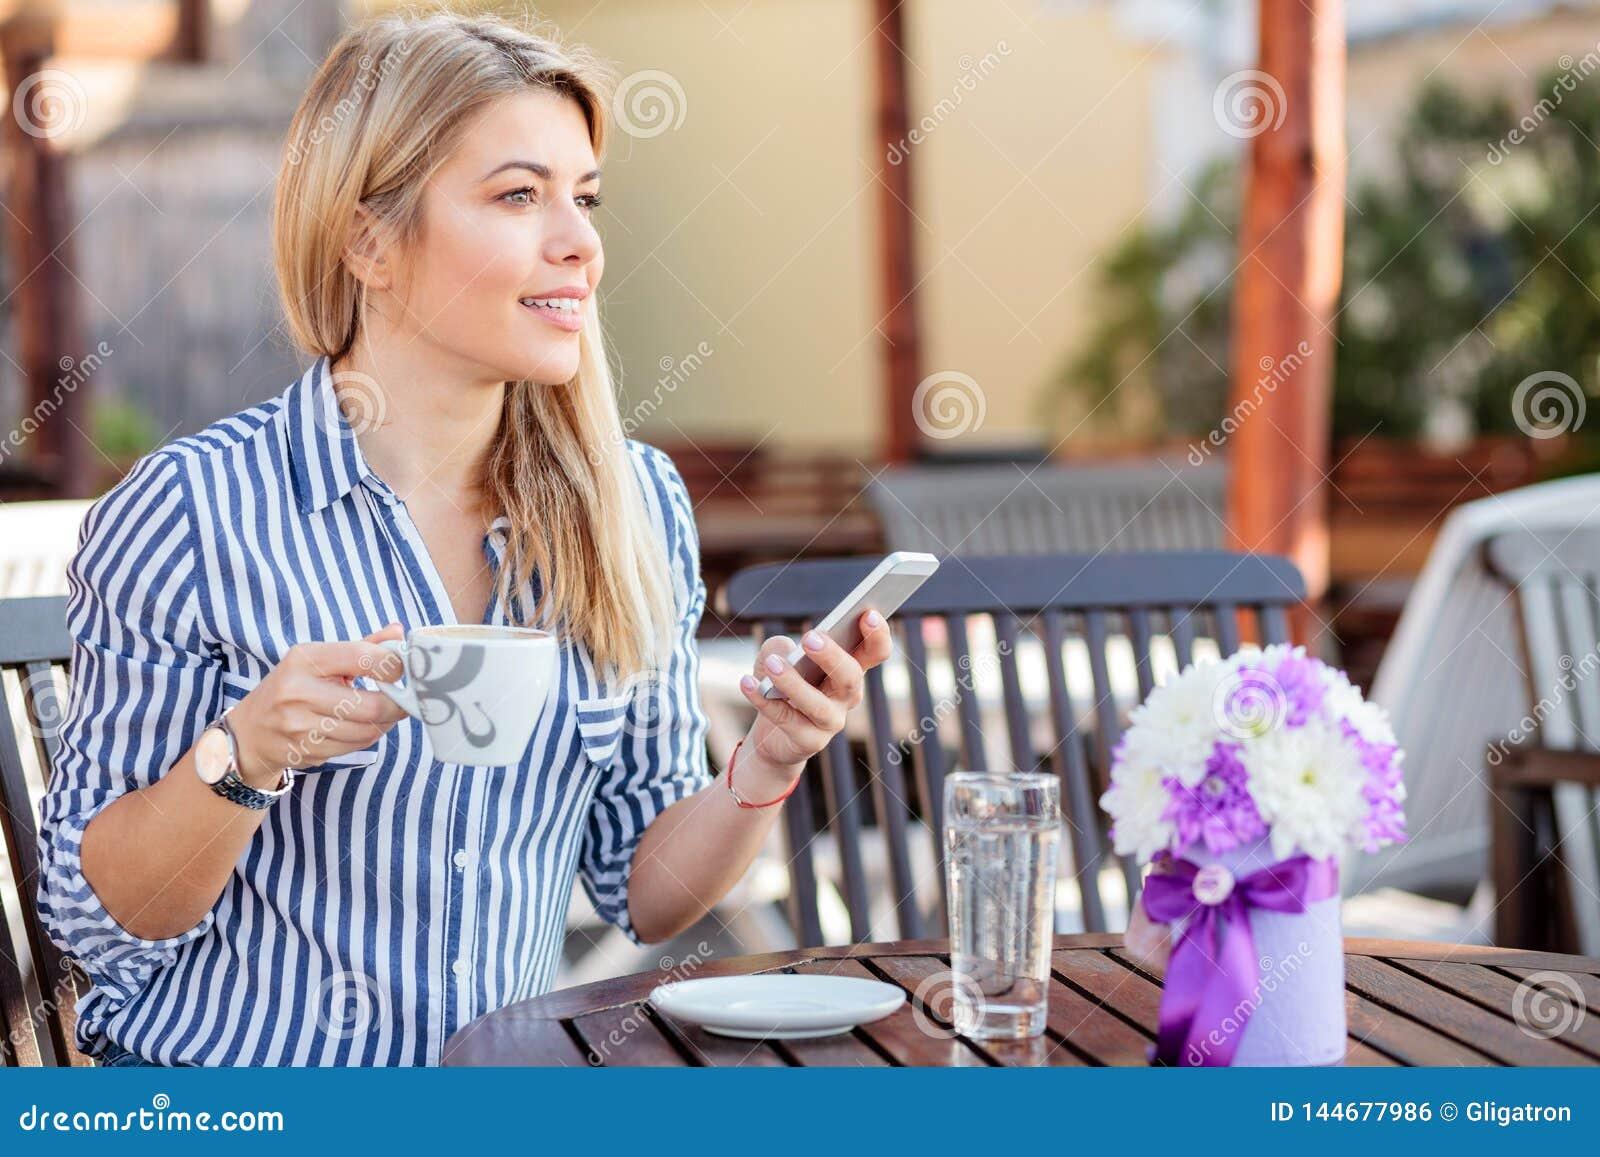 使用智能手机的美丽的年轻女人和喝咖啡在咖啡馆